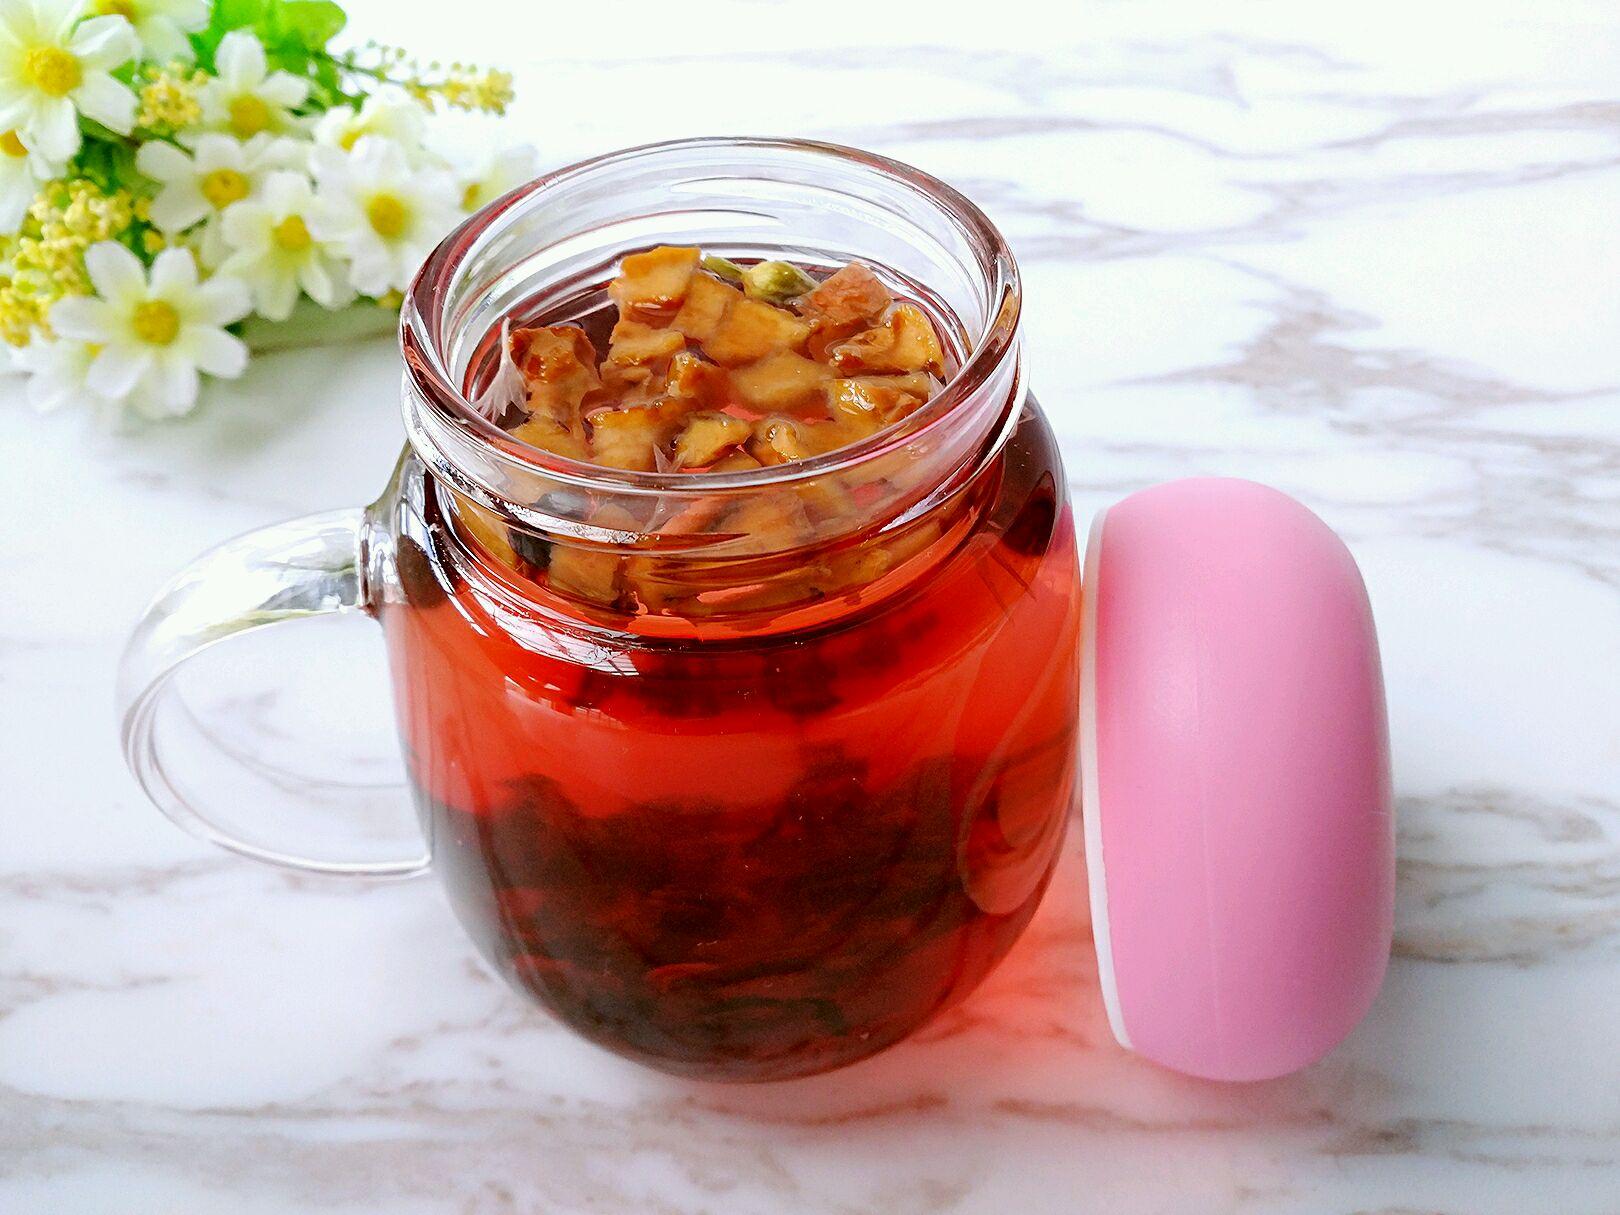 主料 洛神花20克 冰糖因自己口味调节 开水300ml 洛神花茶的做法步骤